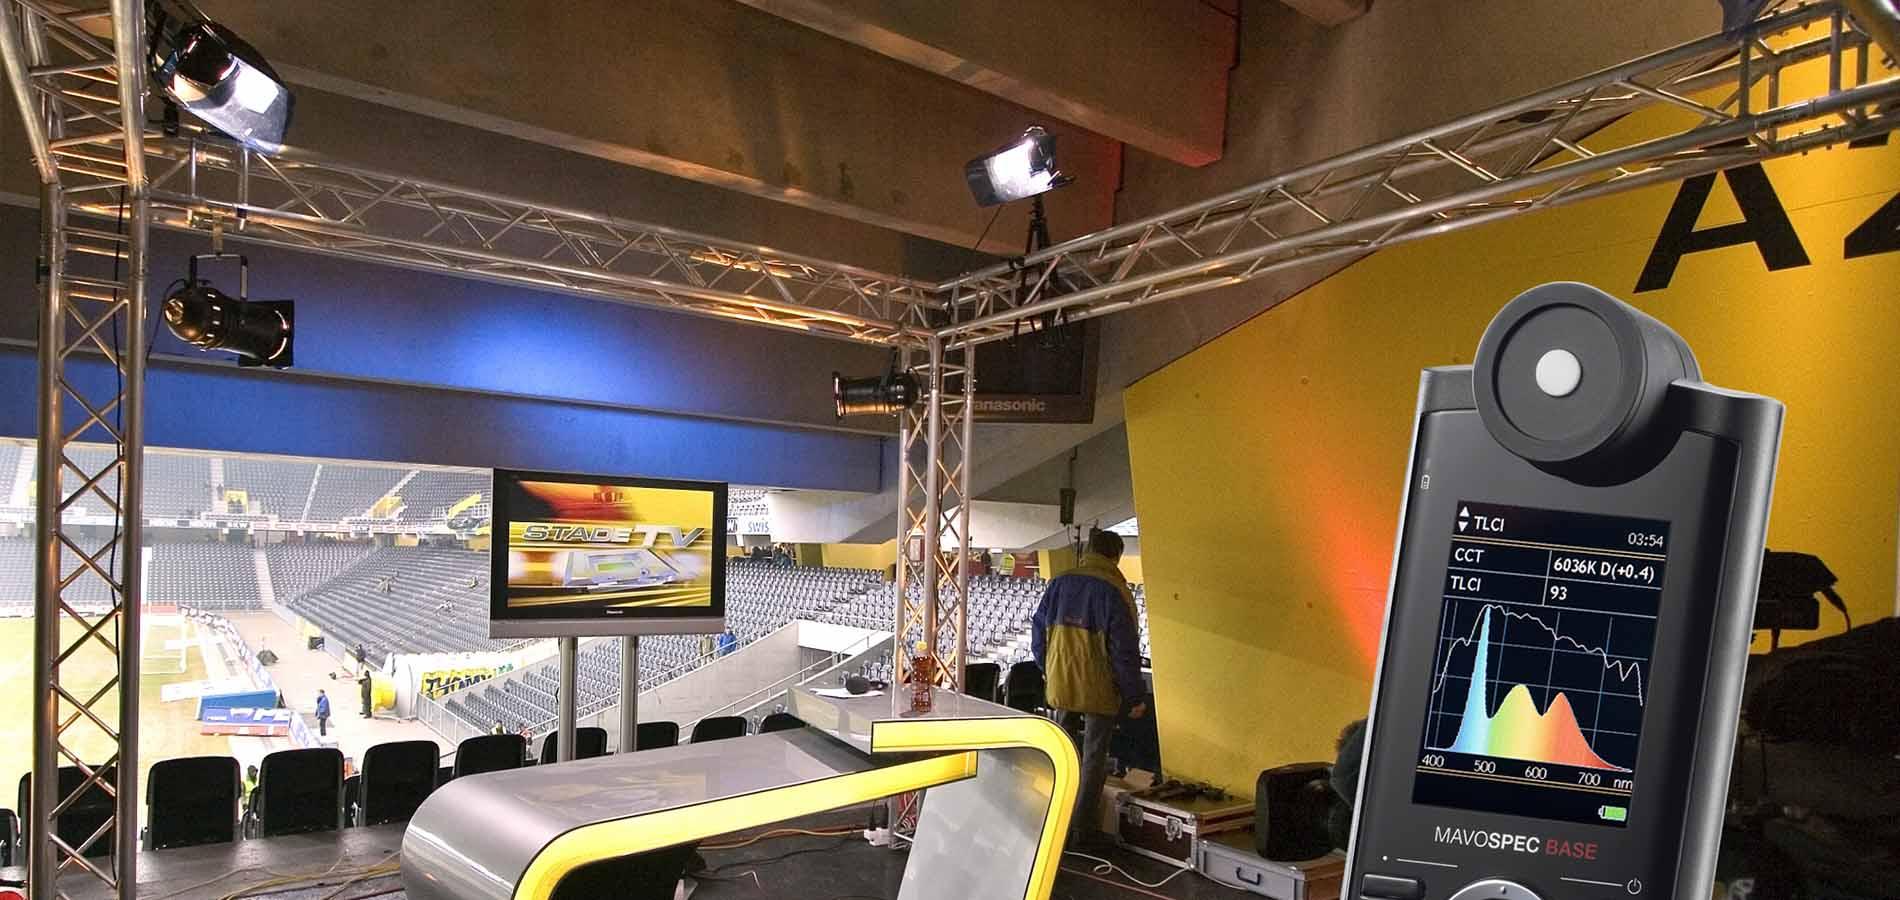 Mavospec Base con medición del índice de consistencia de iluminación de televisión (TLCI)